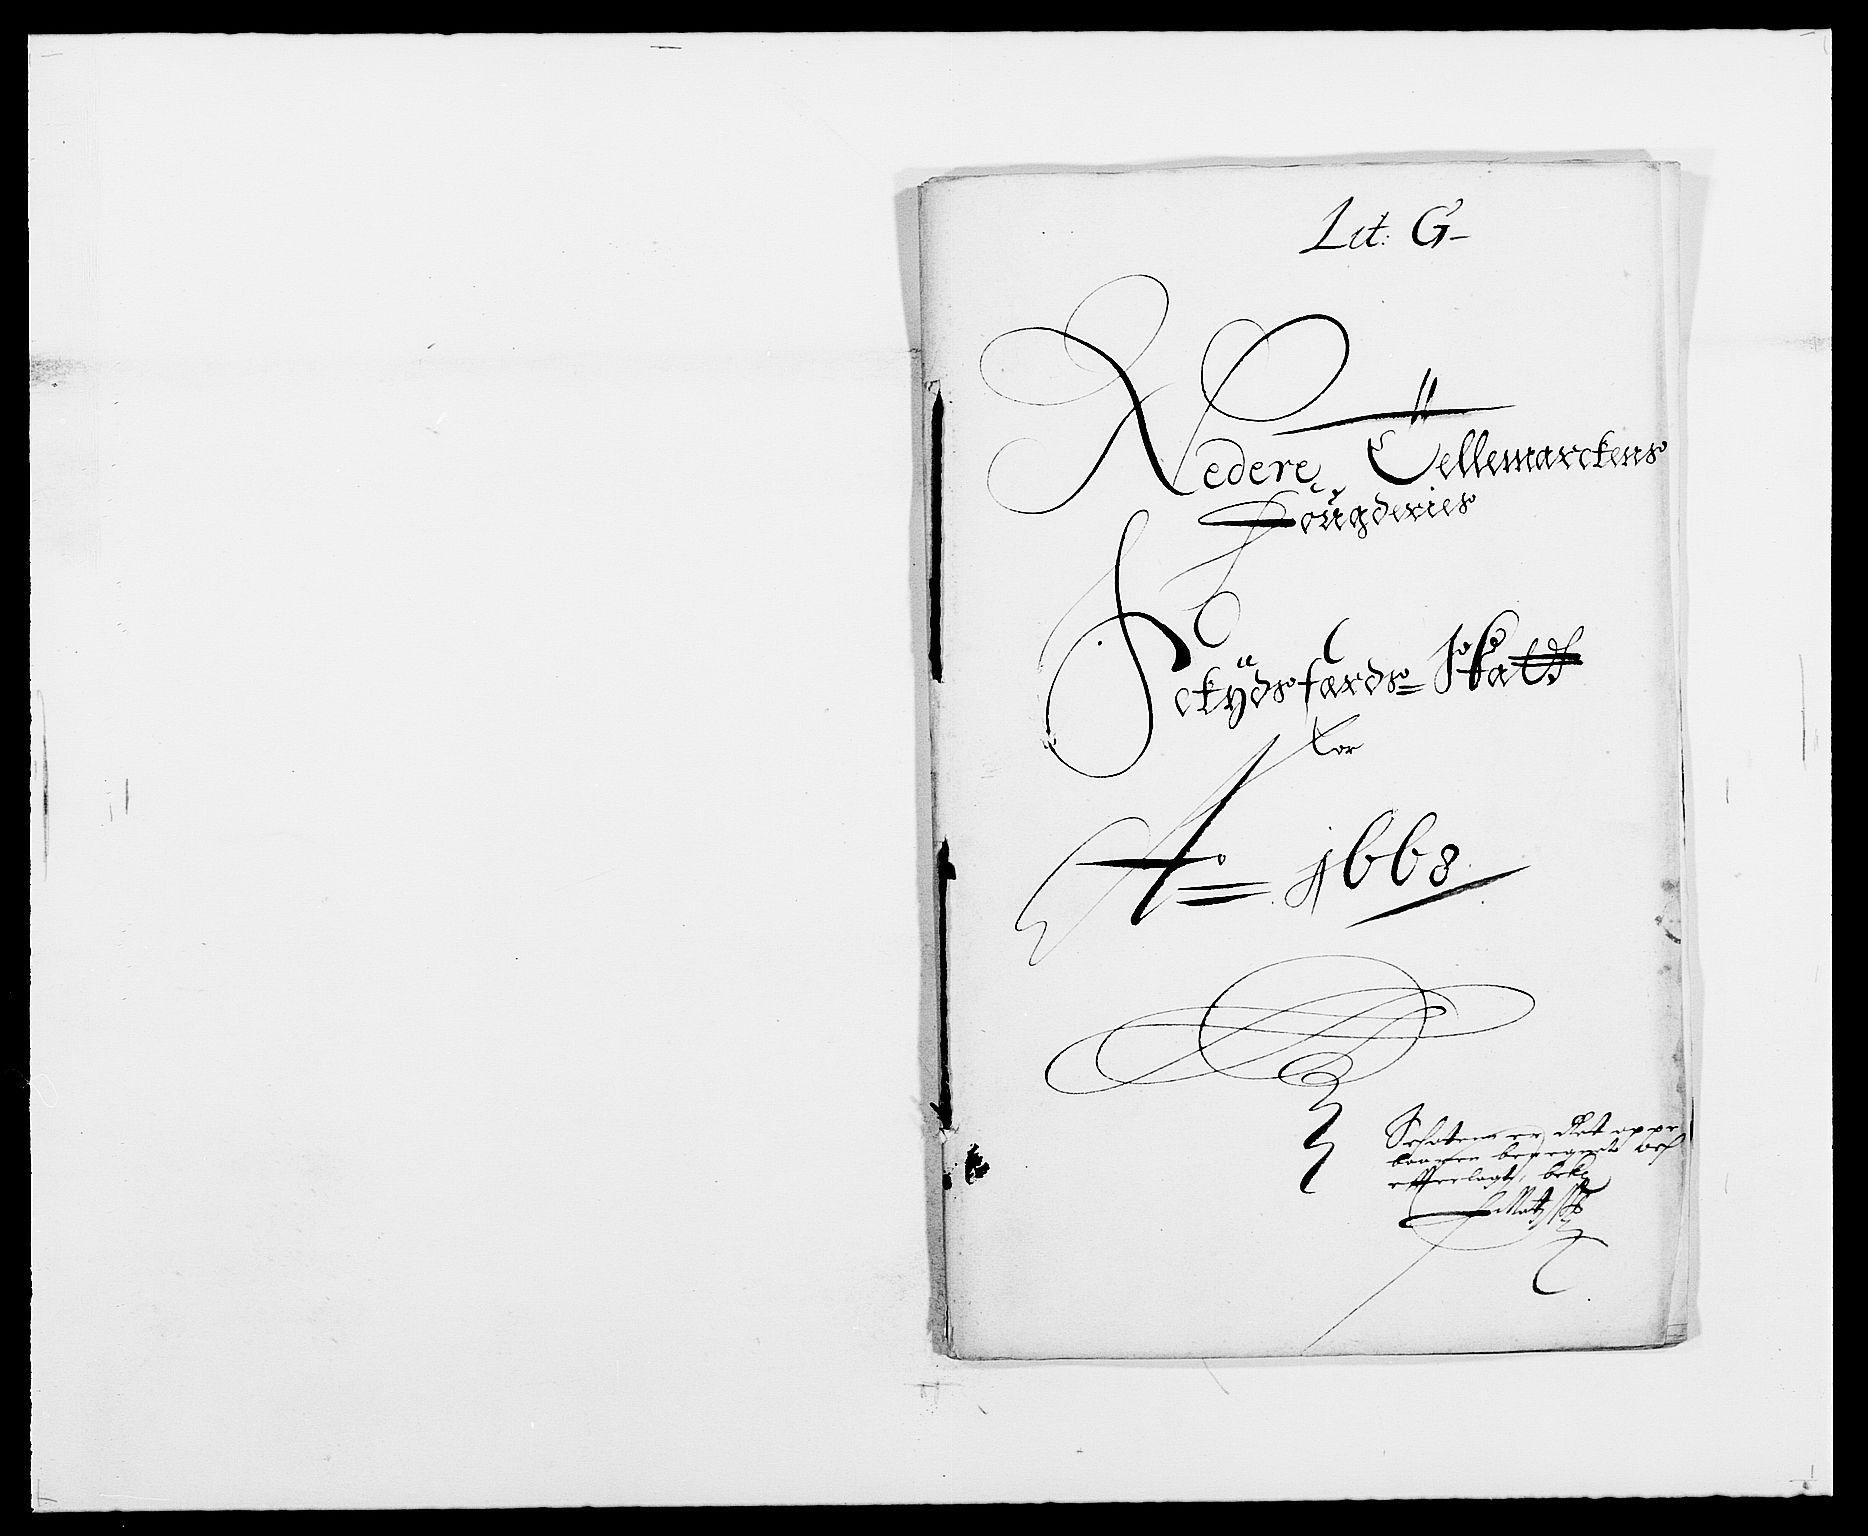 RA, Rentekammeret inntil 1814, Reviderte regnskaper, Fogderegnskap, R35/L2058: Fogderegnskap Øvre og Nedre Telemark, 1668-1670, s. 136